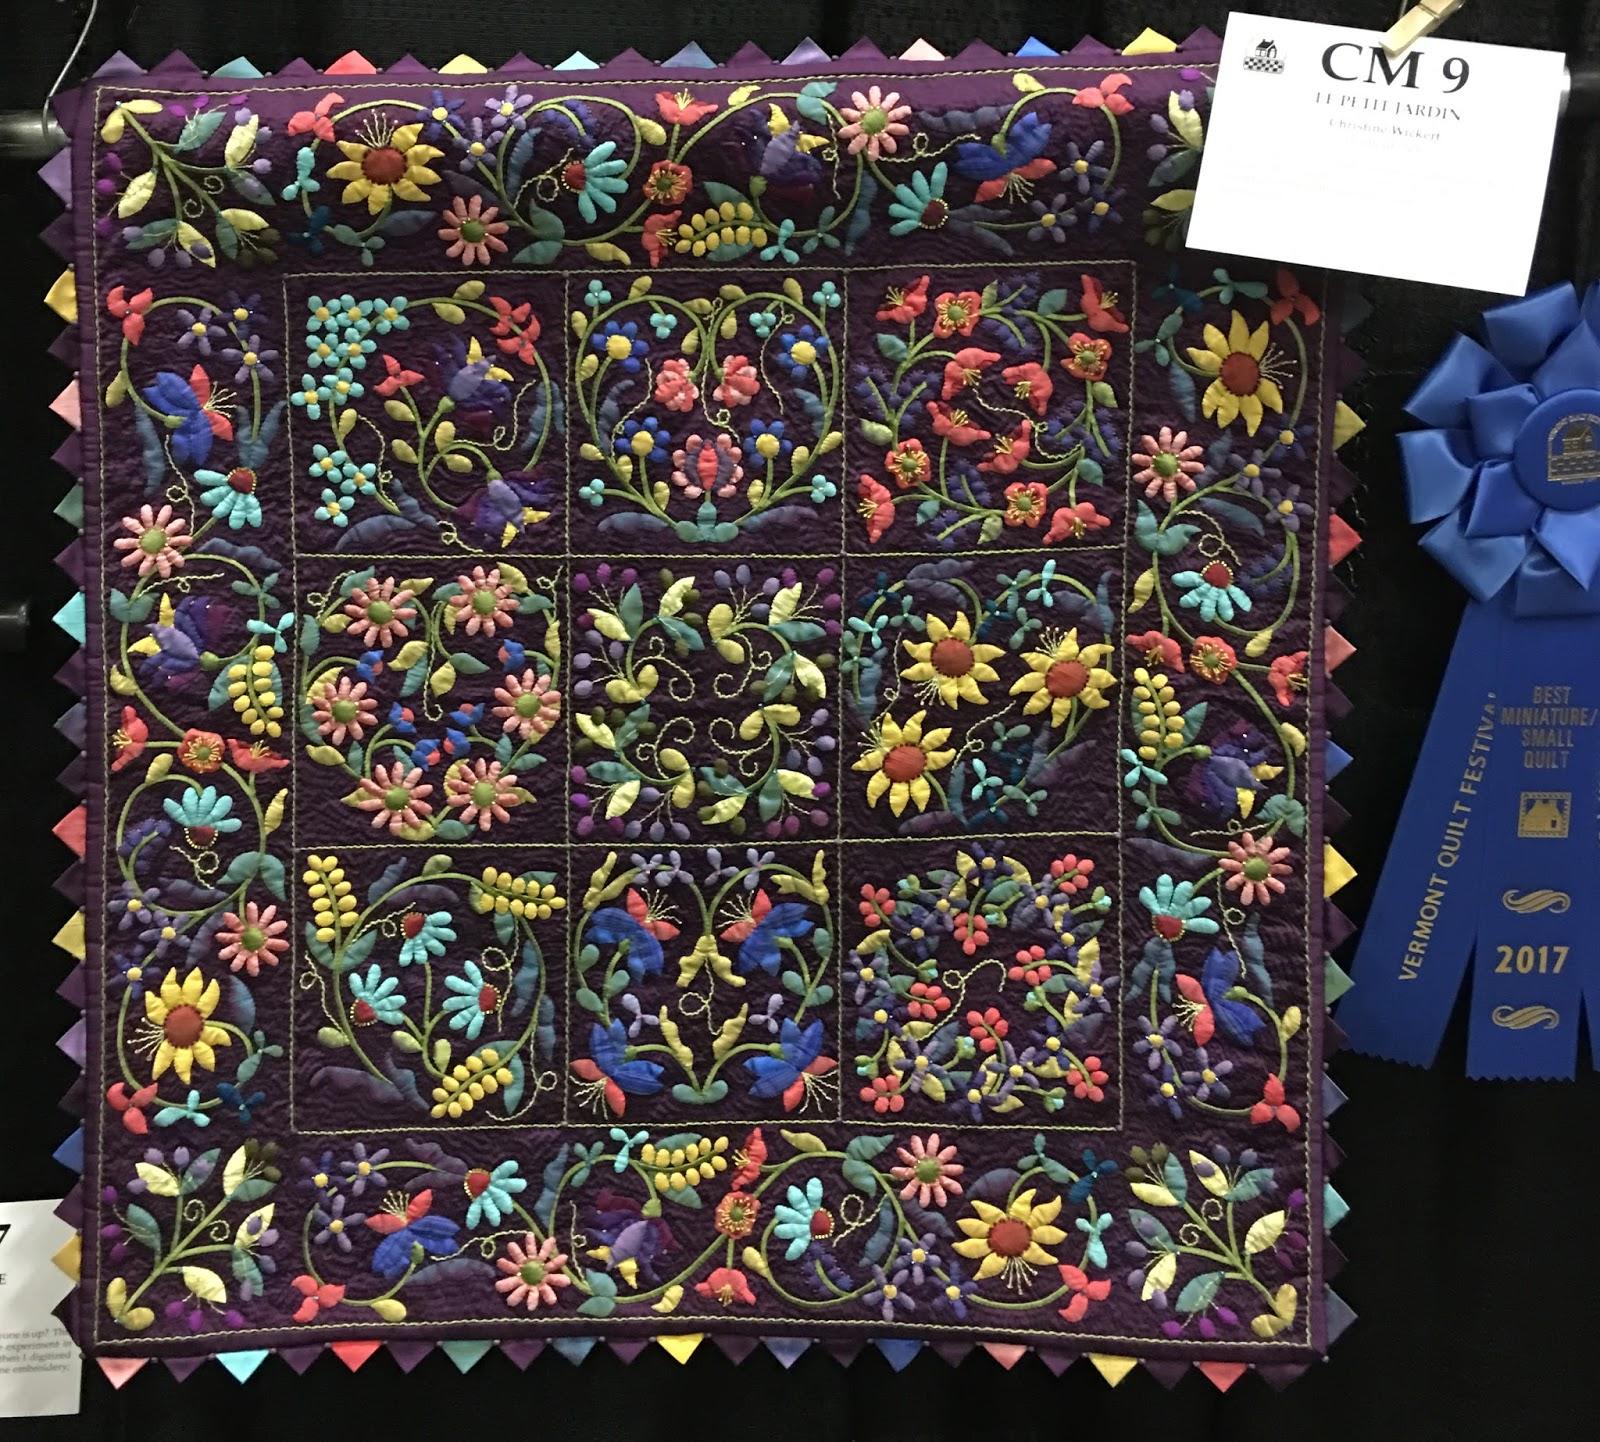 San francisco stitch co vermont quilt festival part ii - Le petit jardin quilt pattern calais ...